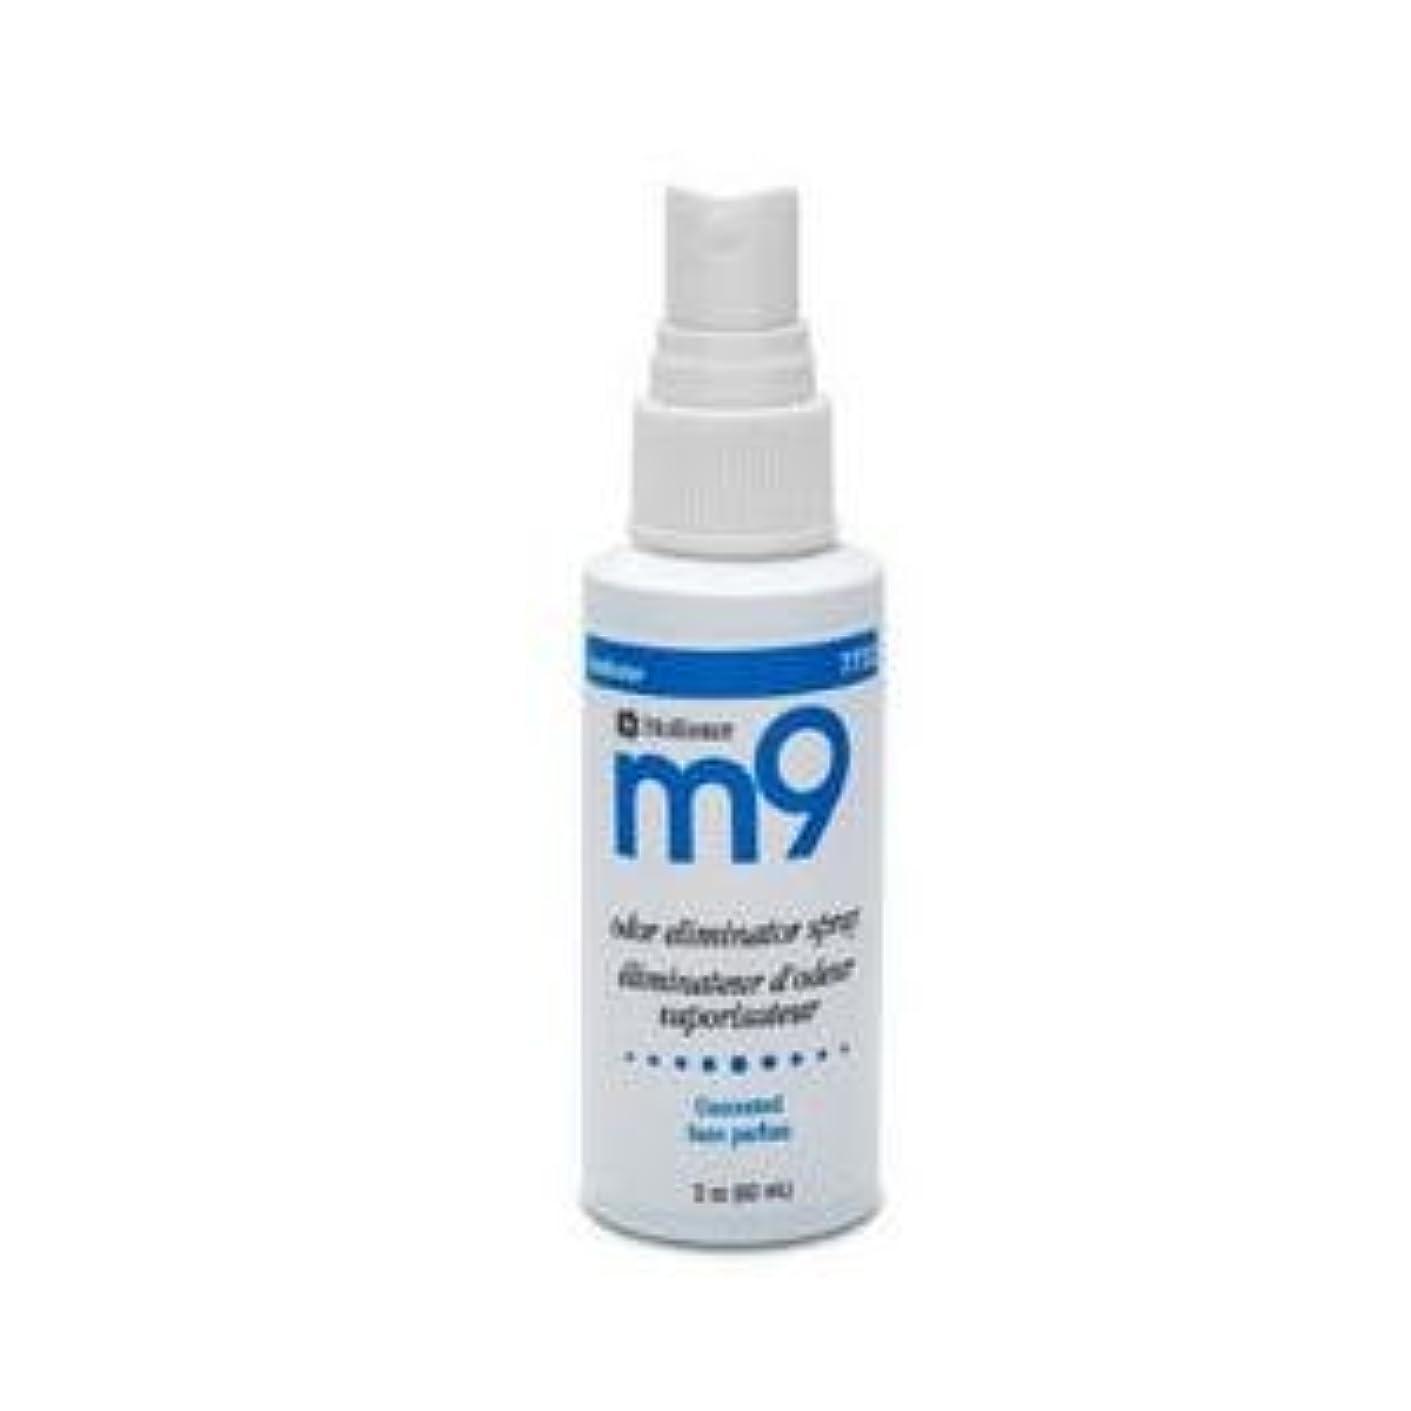 マーカーおばあさん攻撃的M 9臭気エリミネータースプレー、無香料2オンス(2パック)